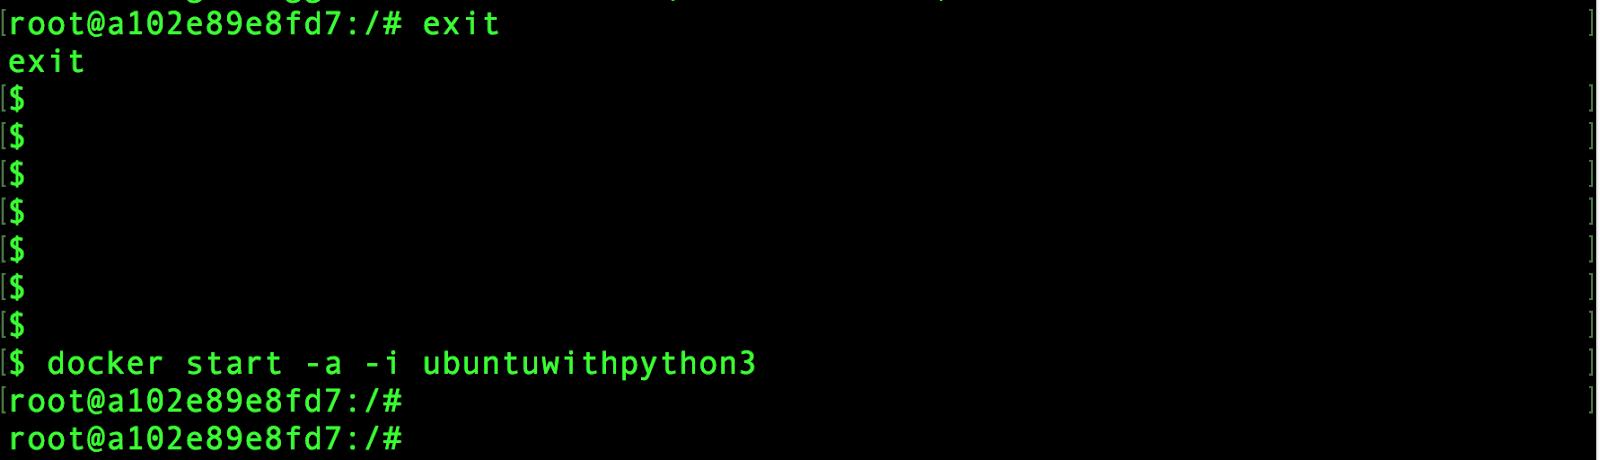 run apt-get install python3 docker